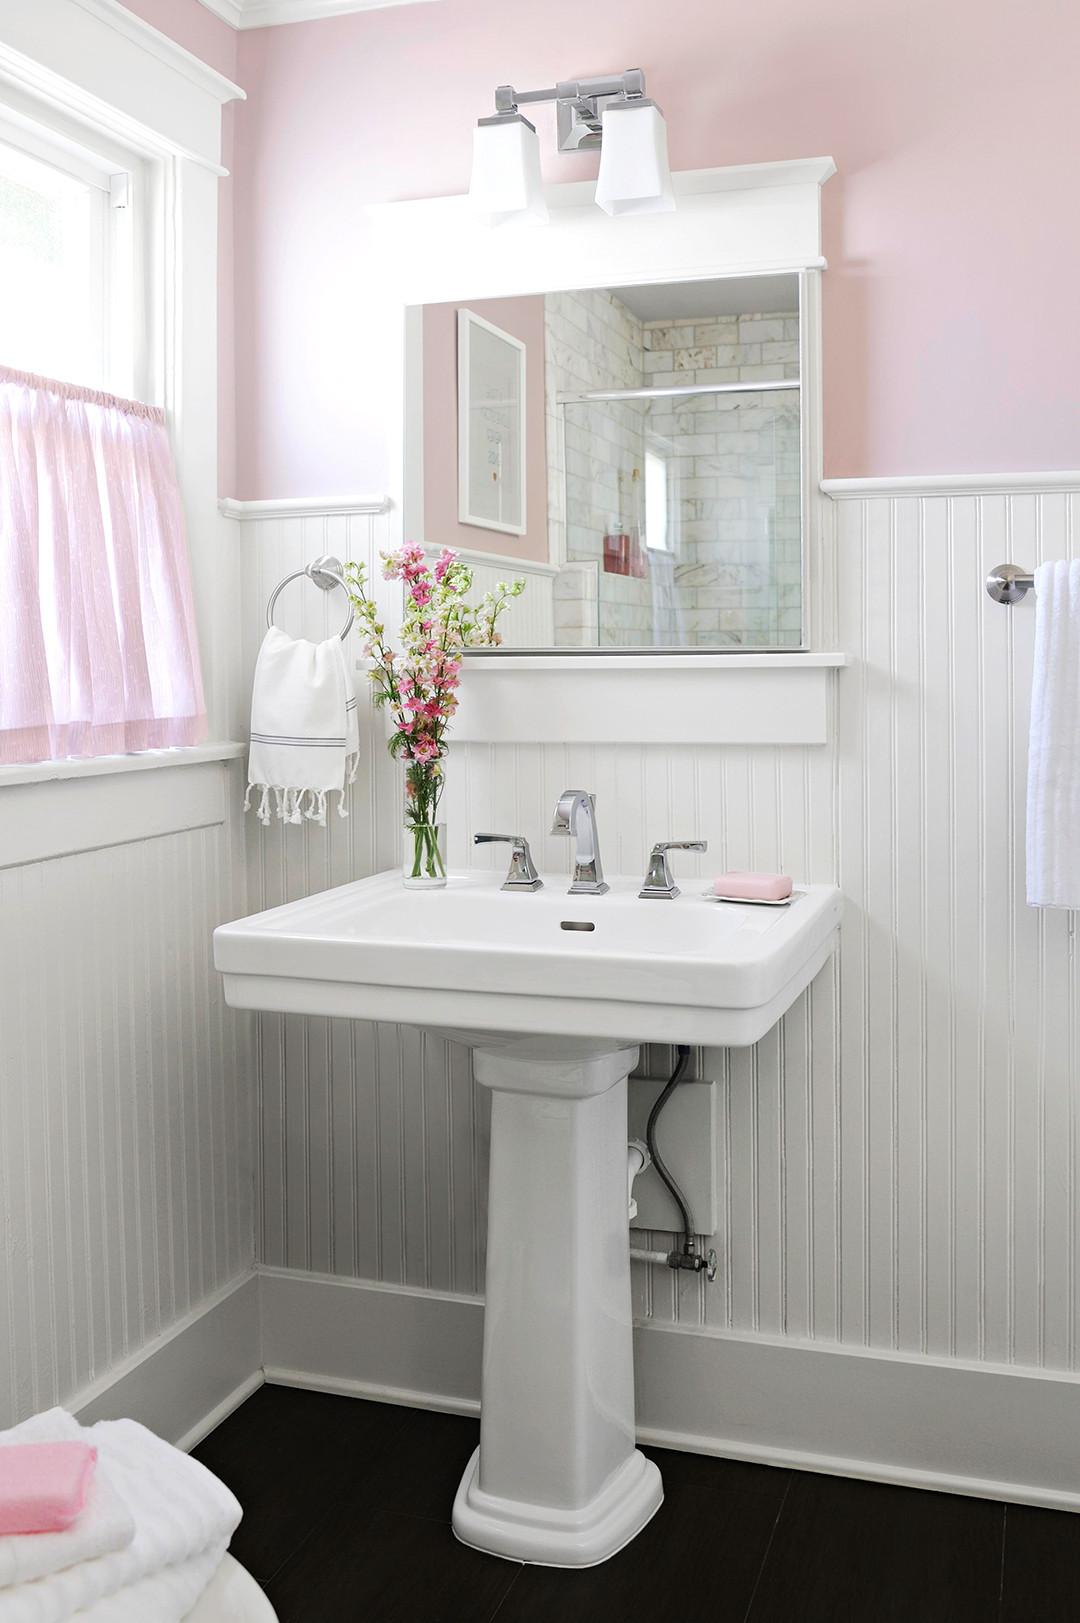 Best Bathroom Paint Colors 2020  Popular Bathroom Paint Colors